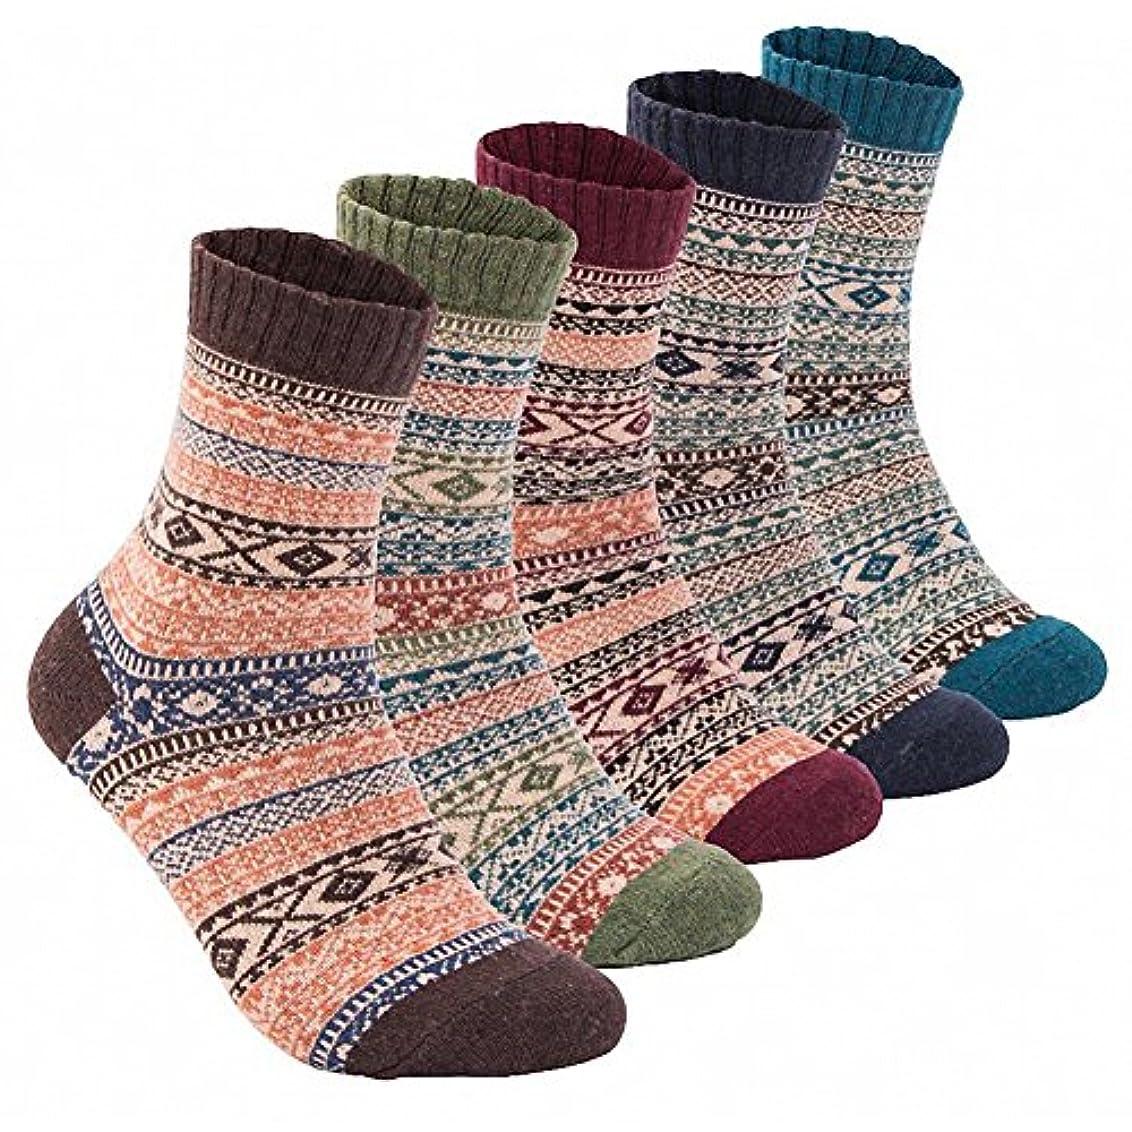 きゅうり禁輸振り返るメンズソックス 靴下 メンズ ビジネス カジュアル 5足セット くつした ソックス socks